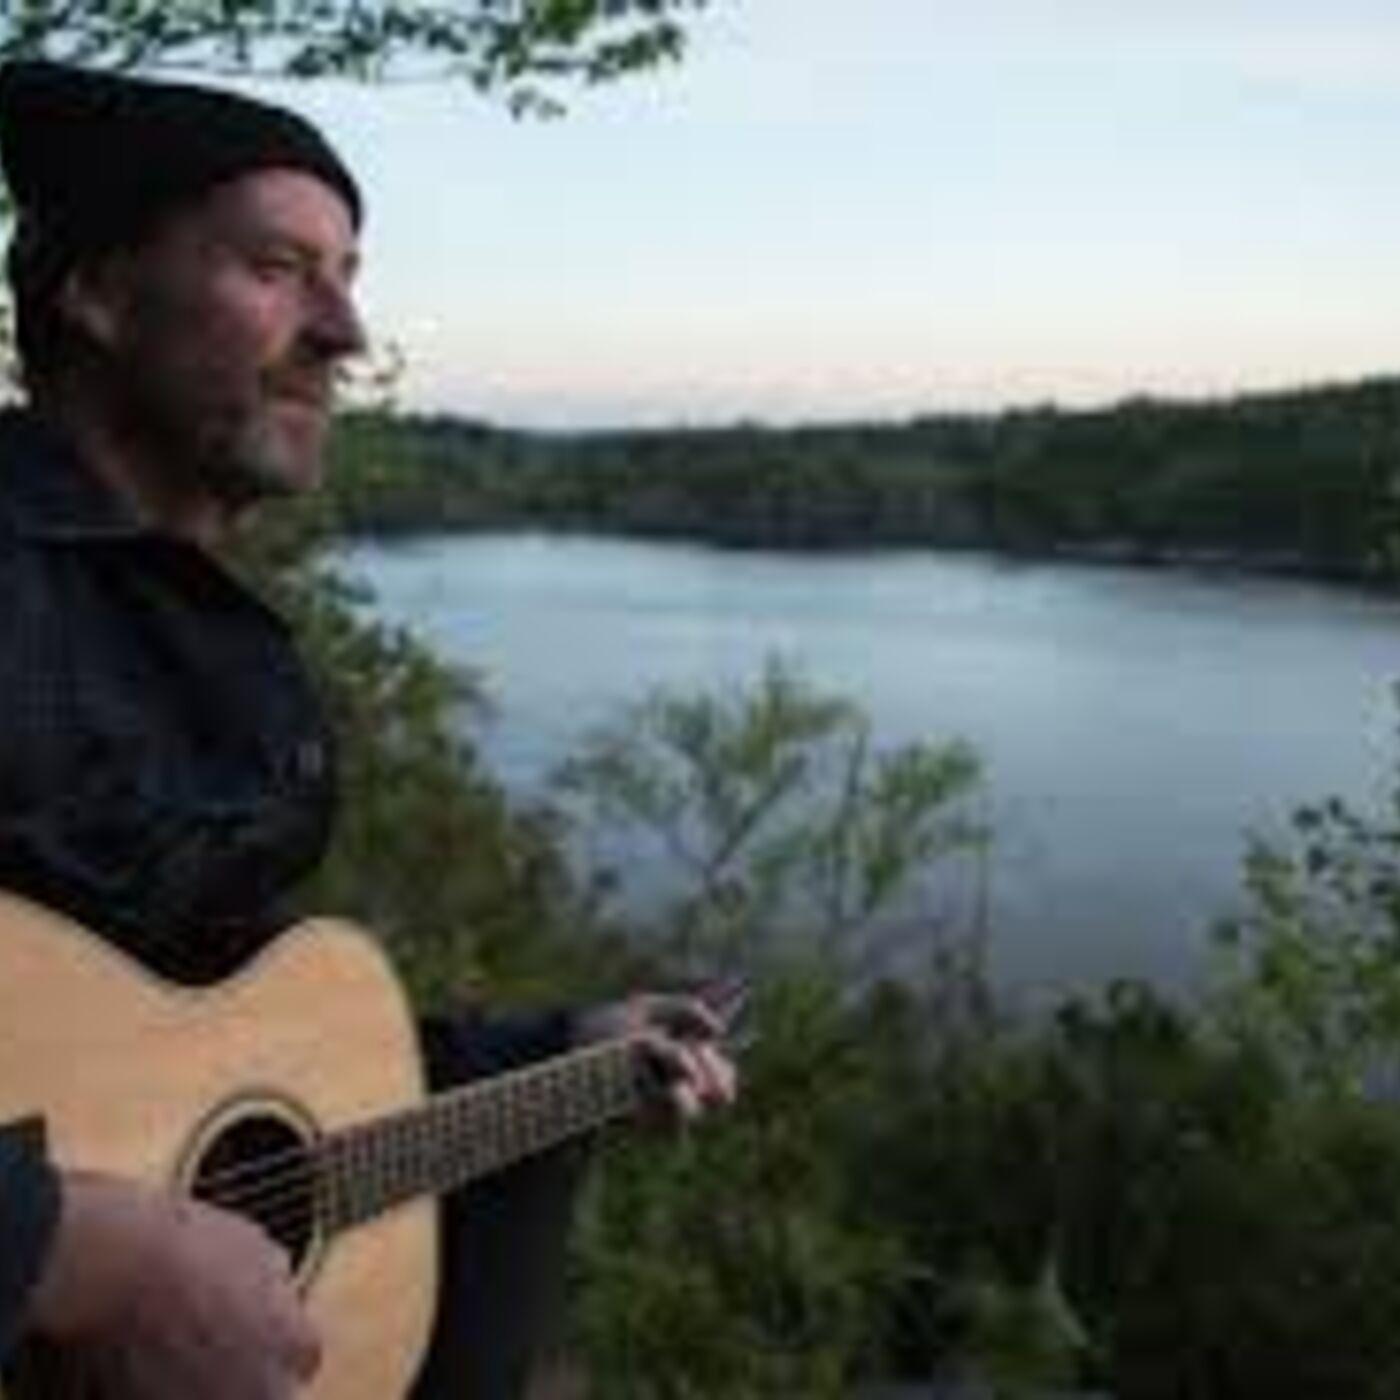 Episode 115: Pt. 2 New Brunswick singer-songwriter Brent Mason